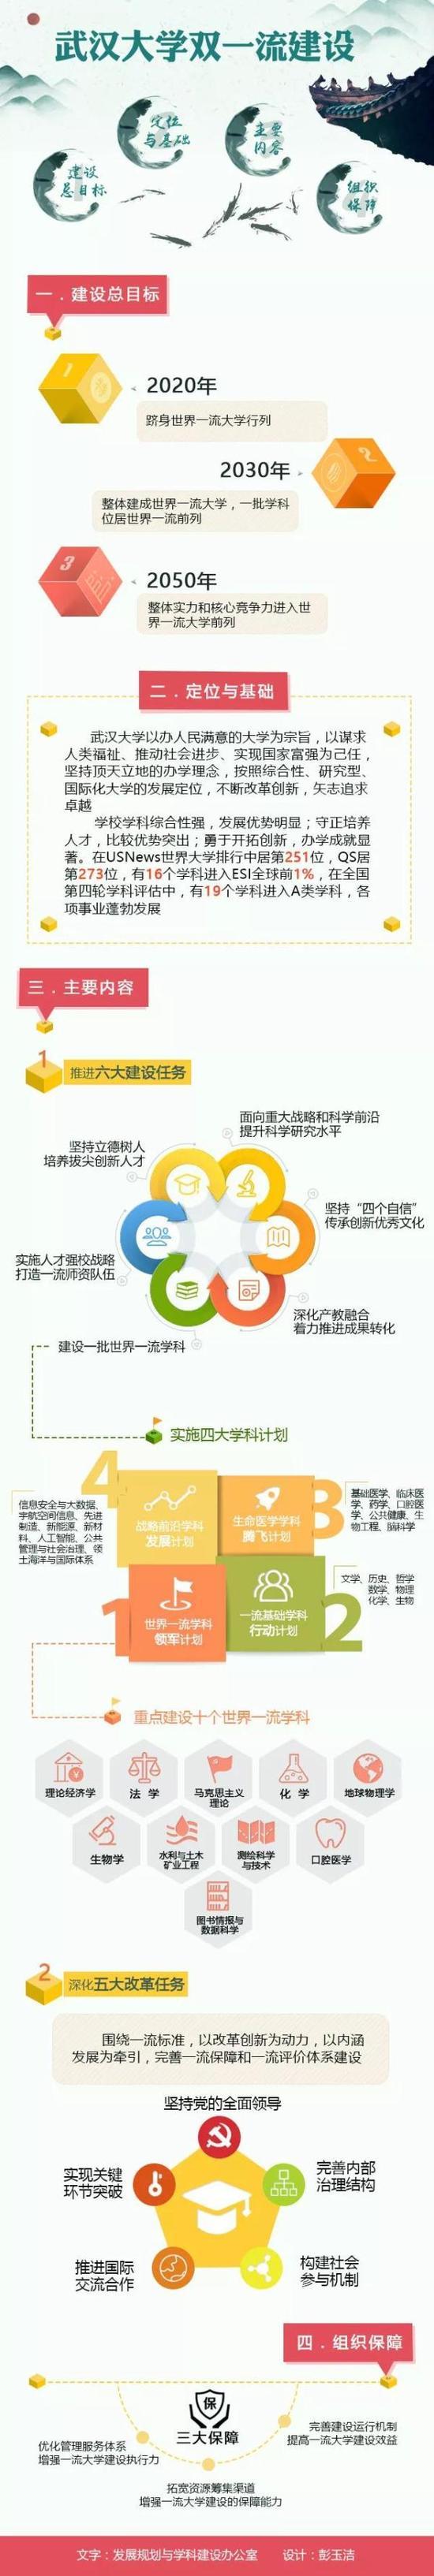 (原题为《重磅 |《武汉大学世界一流大学建设方案》 正式发布》)